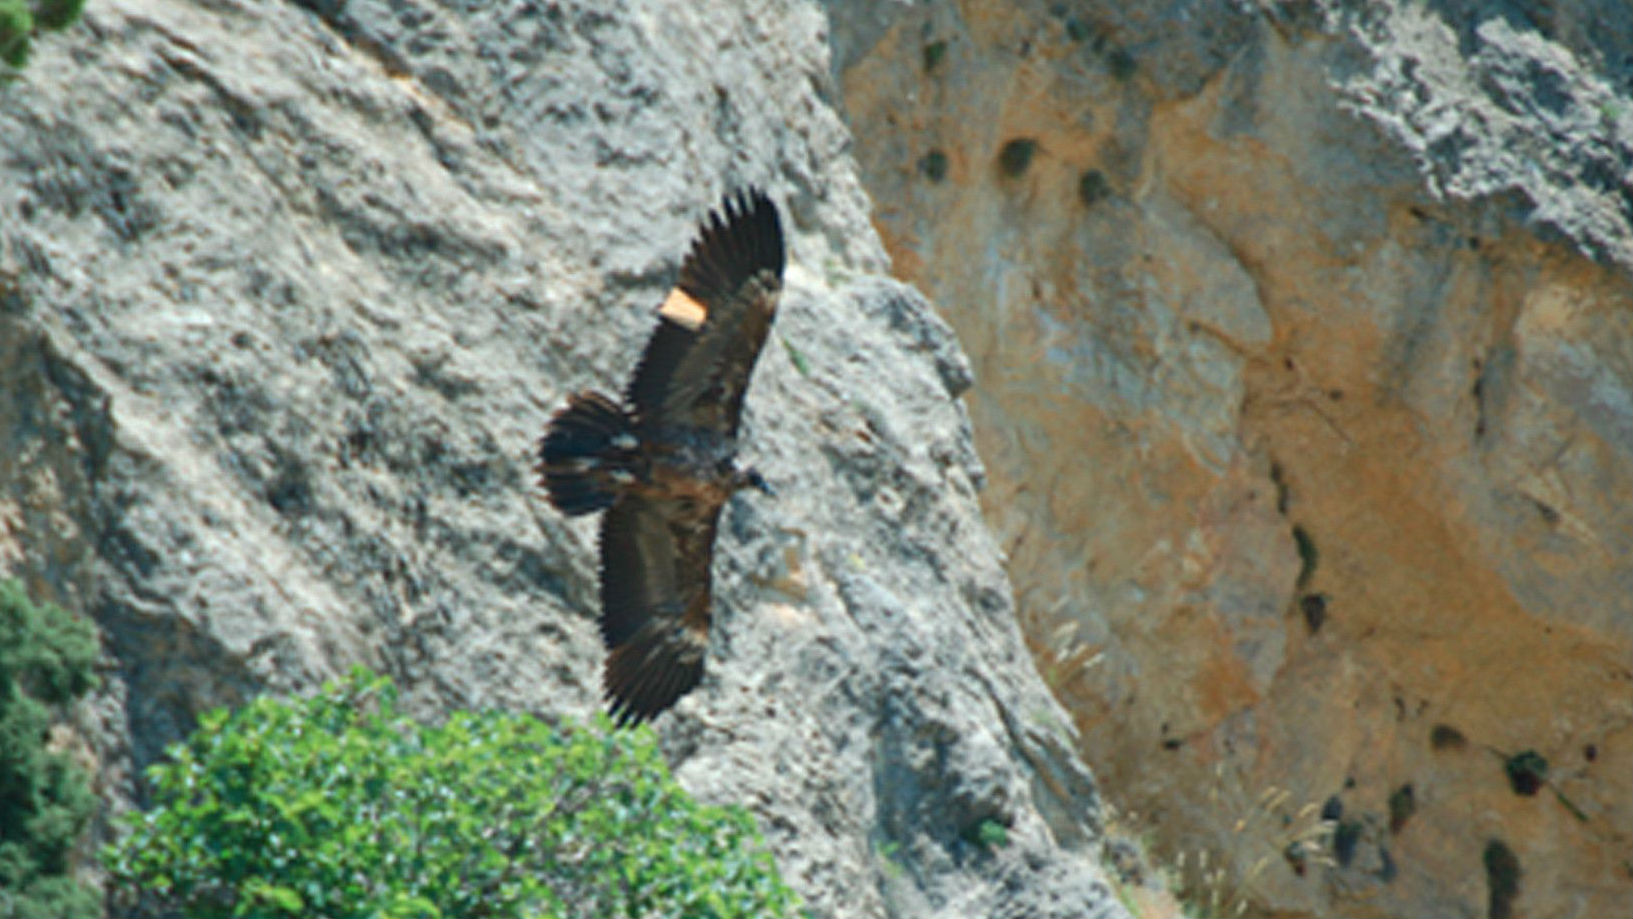 Quebrantahuesos liberado en el parque natural de Cazorla, Segura y Las Villas